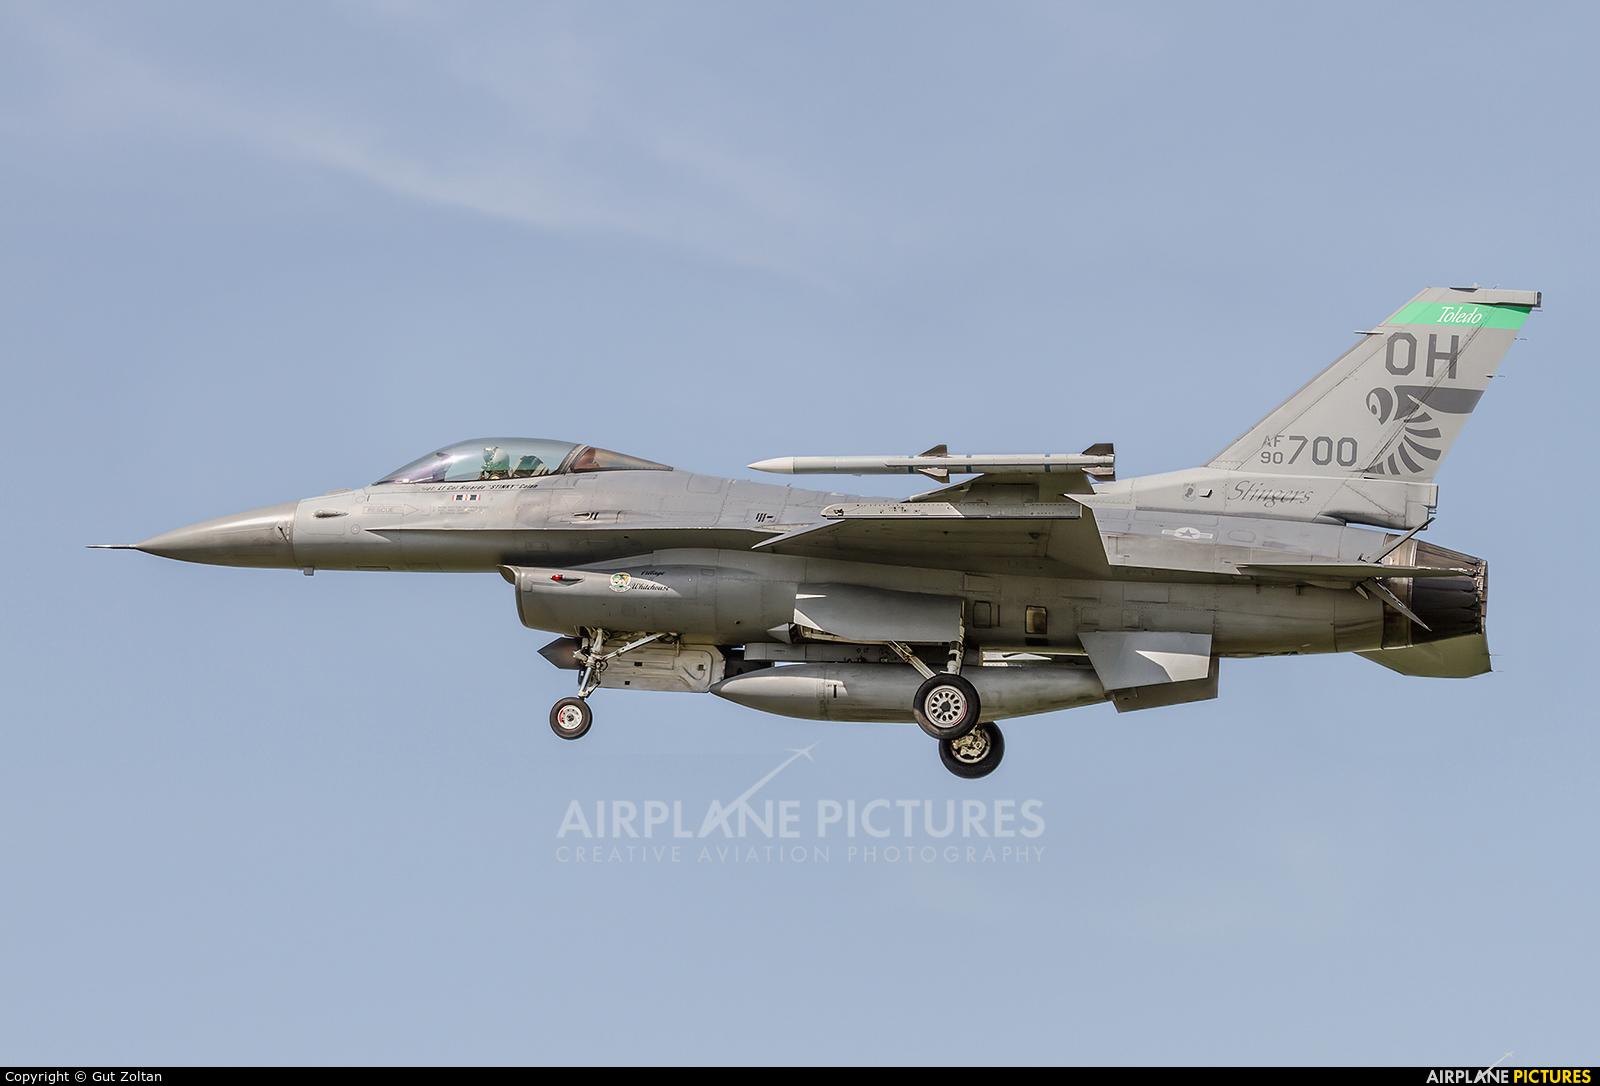 USA - Air Force 90-0700 aircraft at Kecskemét